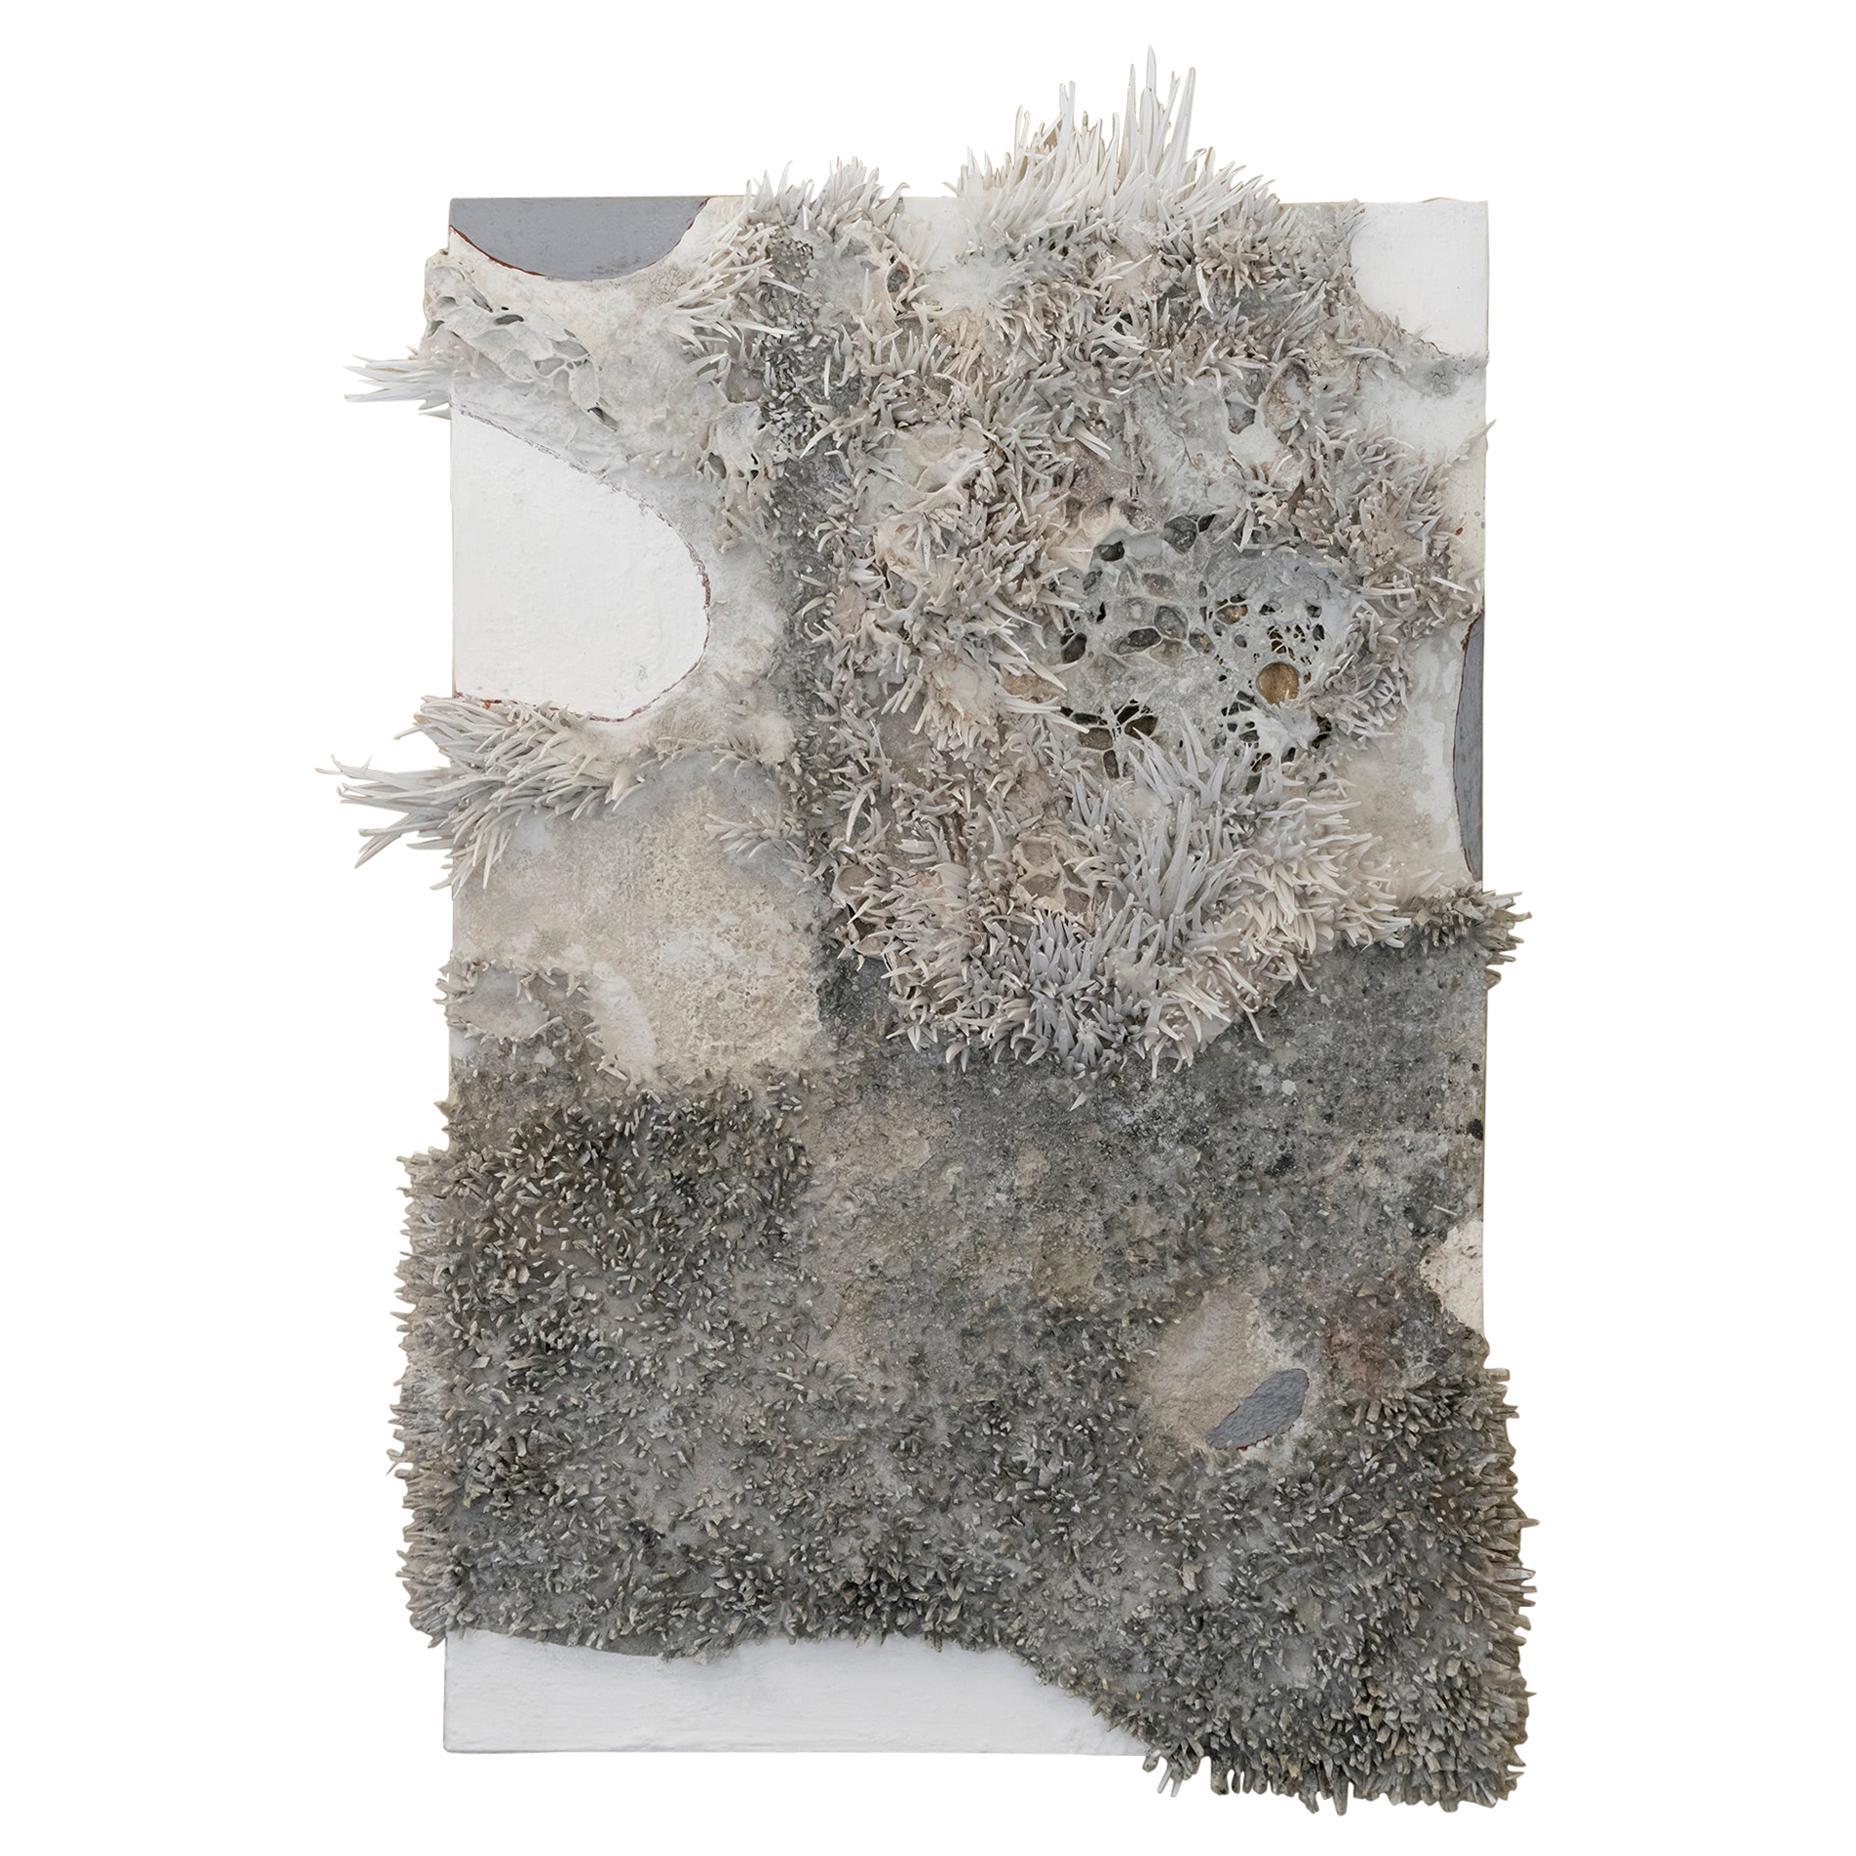 Matteo Giampaglia Mixed-Media Abstract Wall Art, Italy, 2020